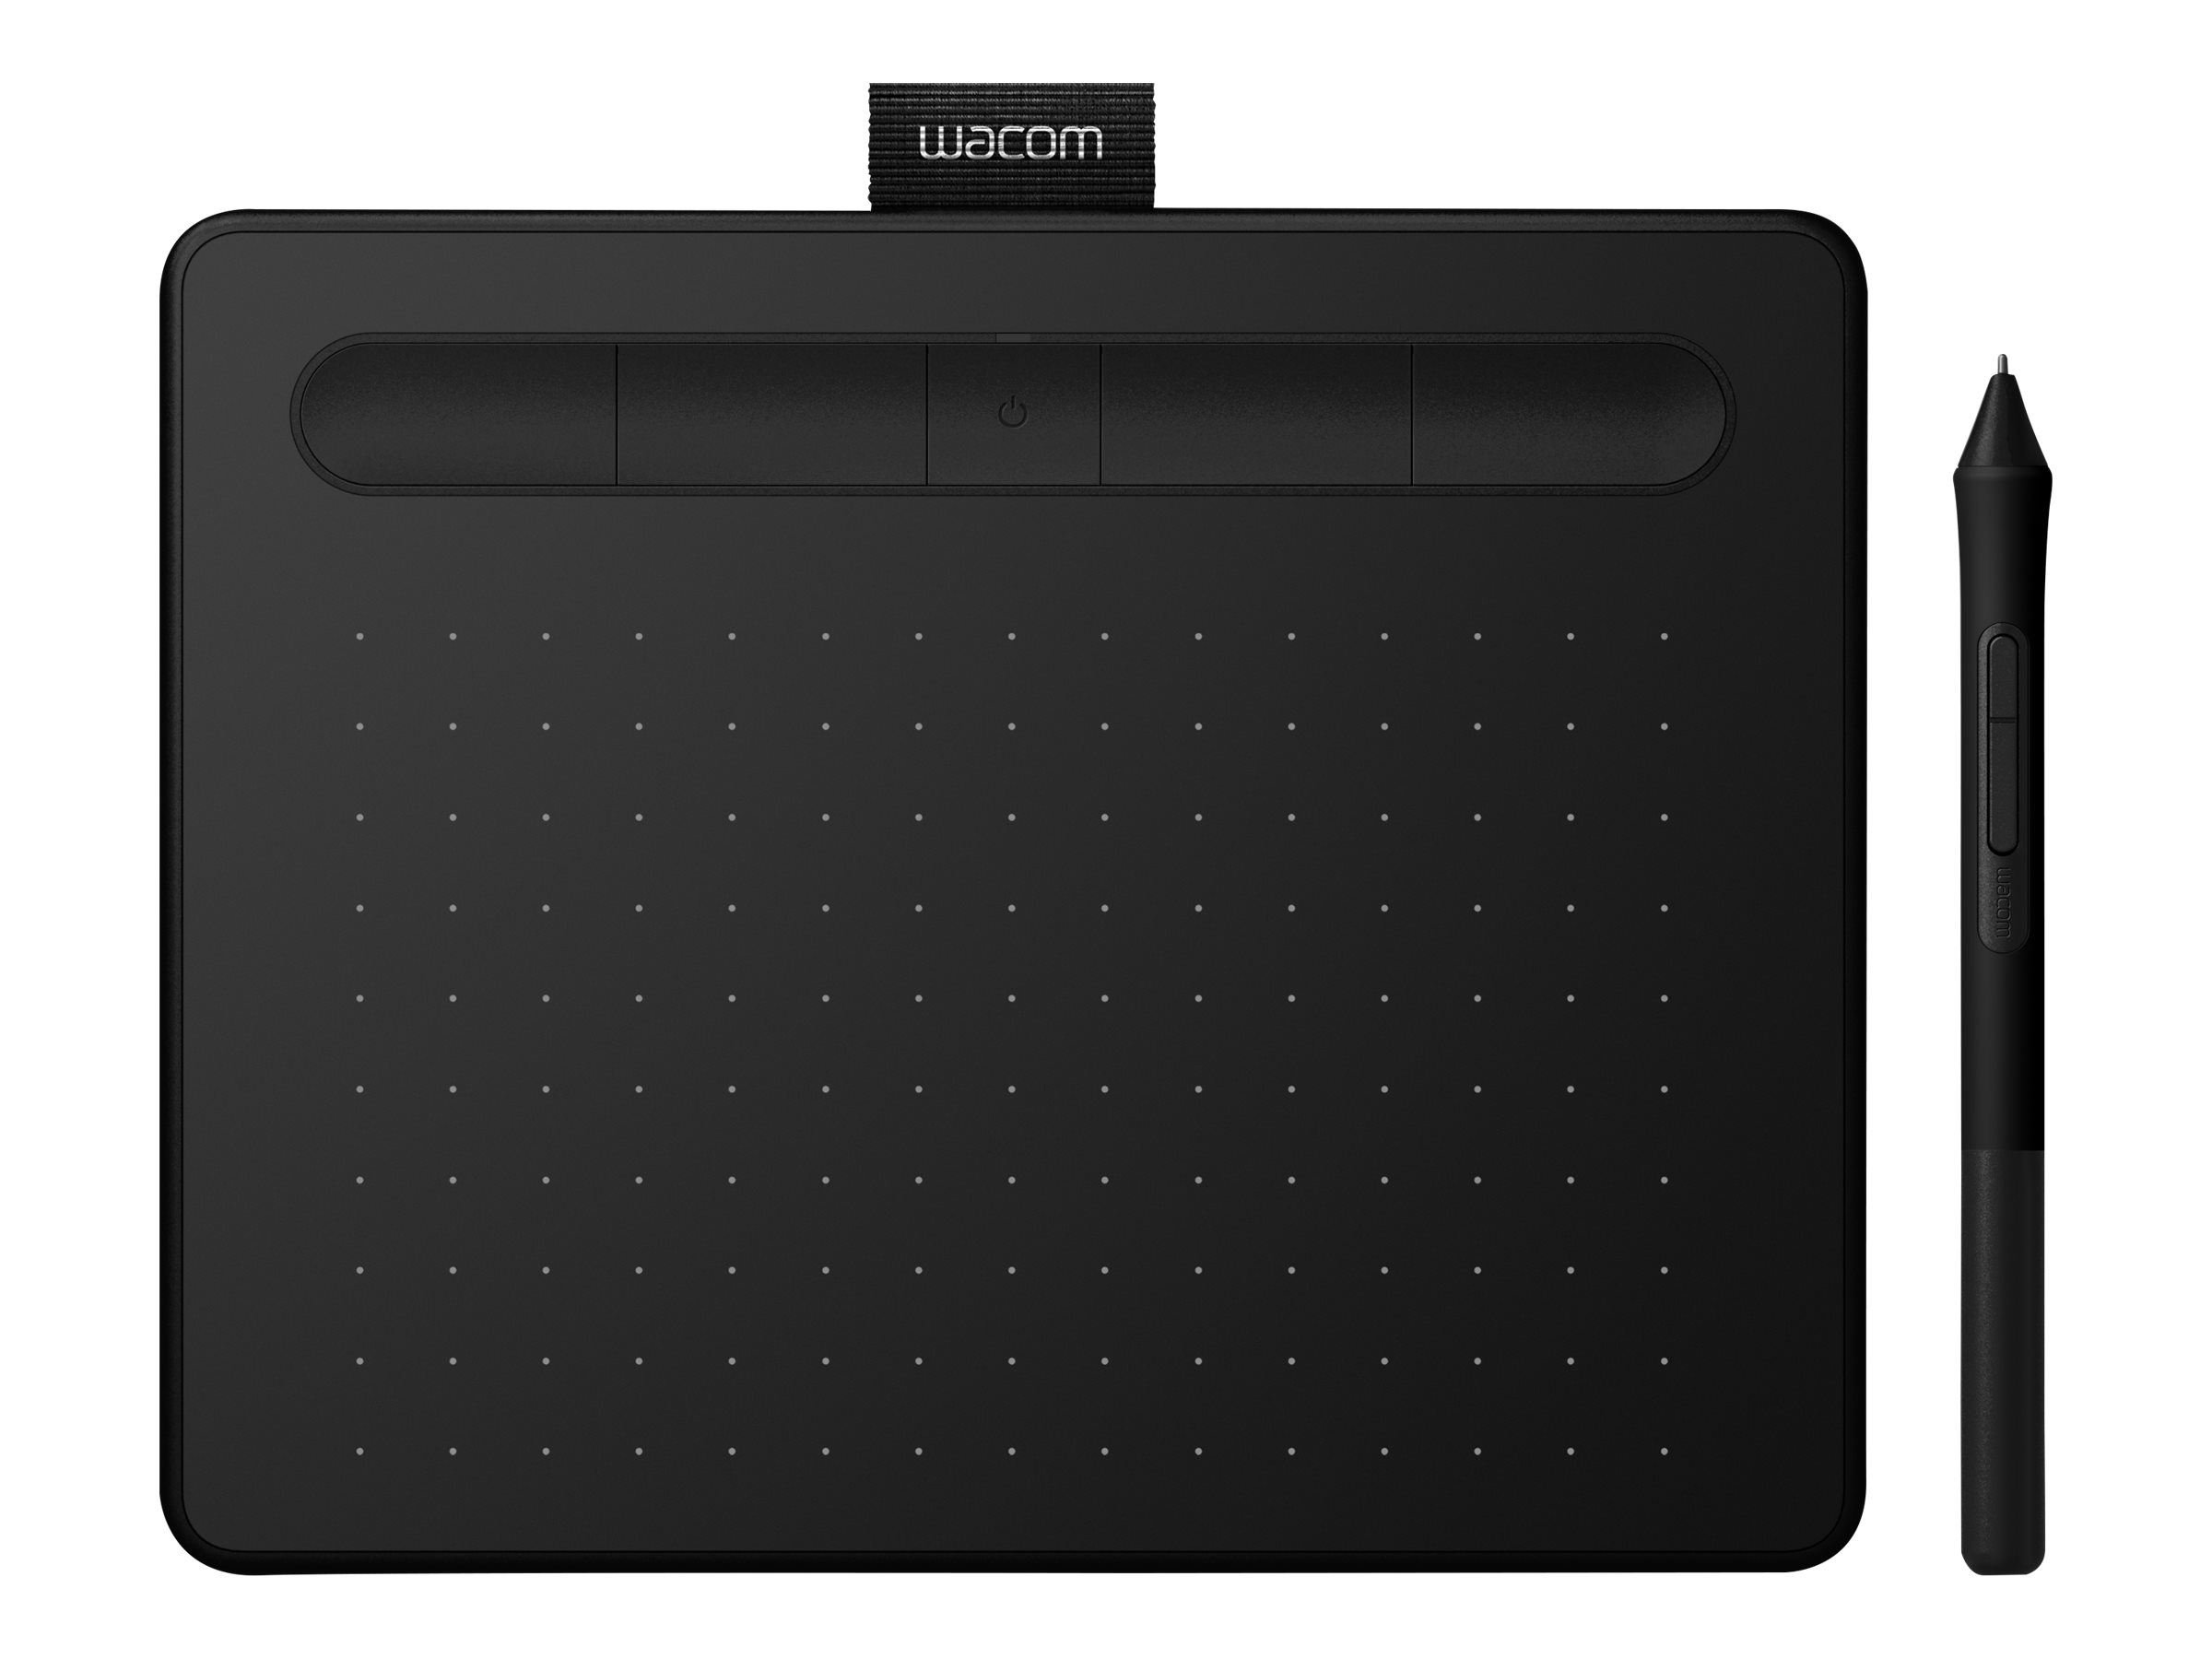 Wacom Intuos S with Bluetooth - Digitalisierer - rechts- und linkshändig - 15.2 x 9.6 cm - elektromagnetisch - 5 Tasten